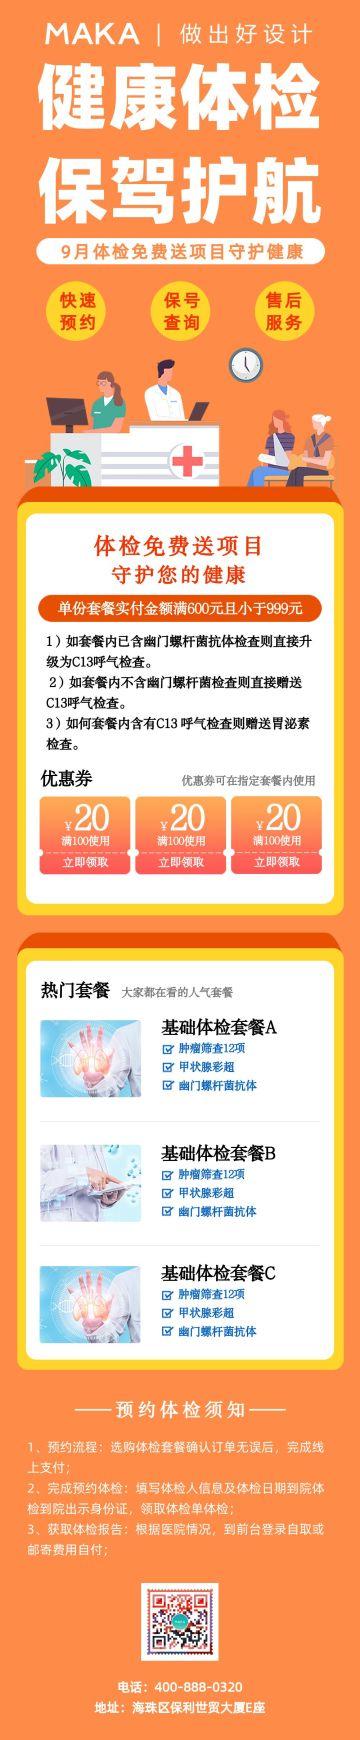 橙色扁平健康体检活动宣传文章长图